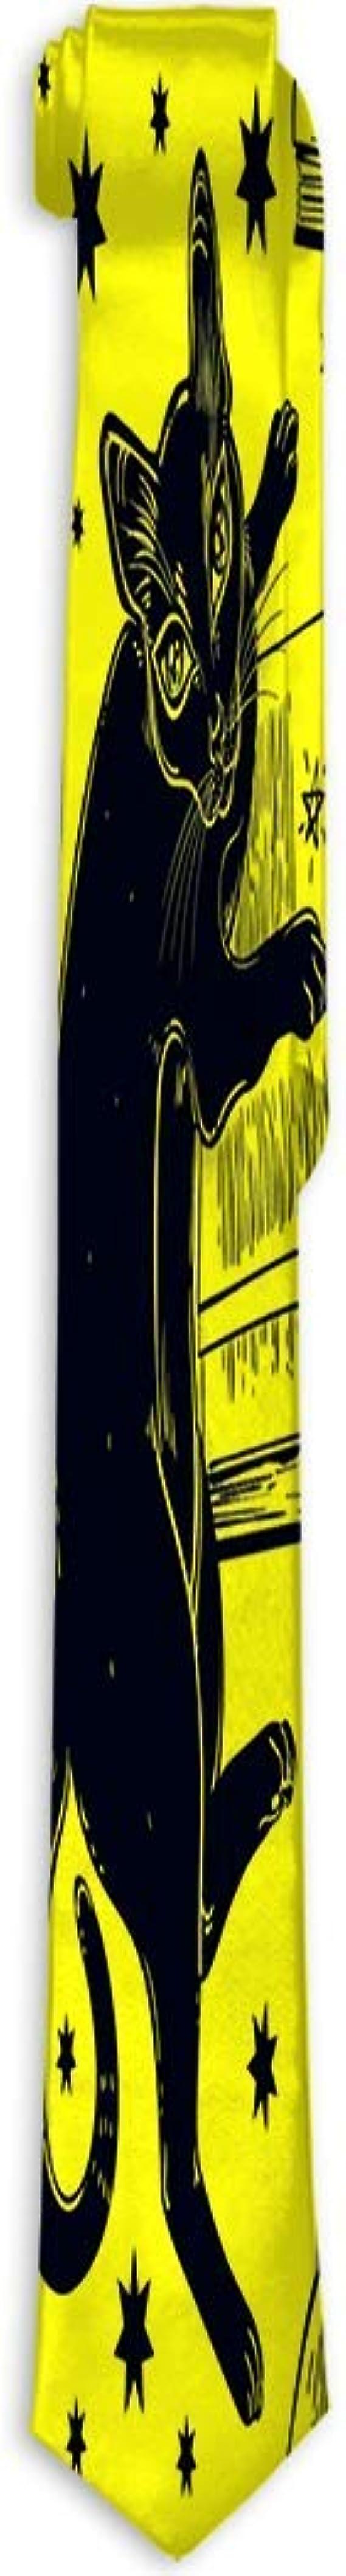 Adamitt Corbata de Seda de poliéster Corbata Gato Negro